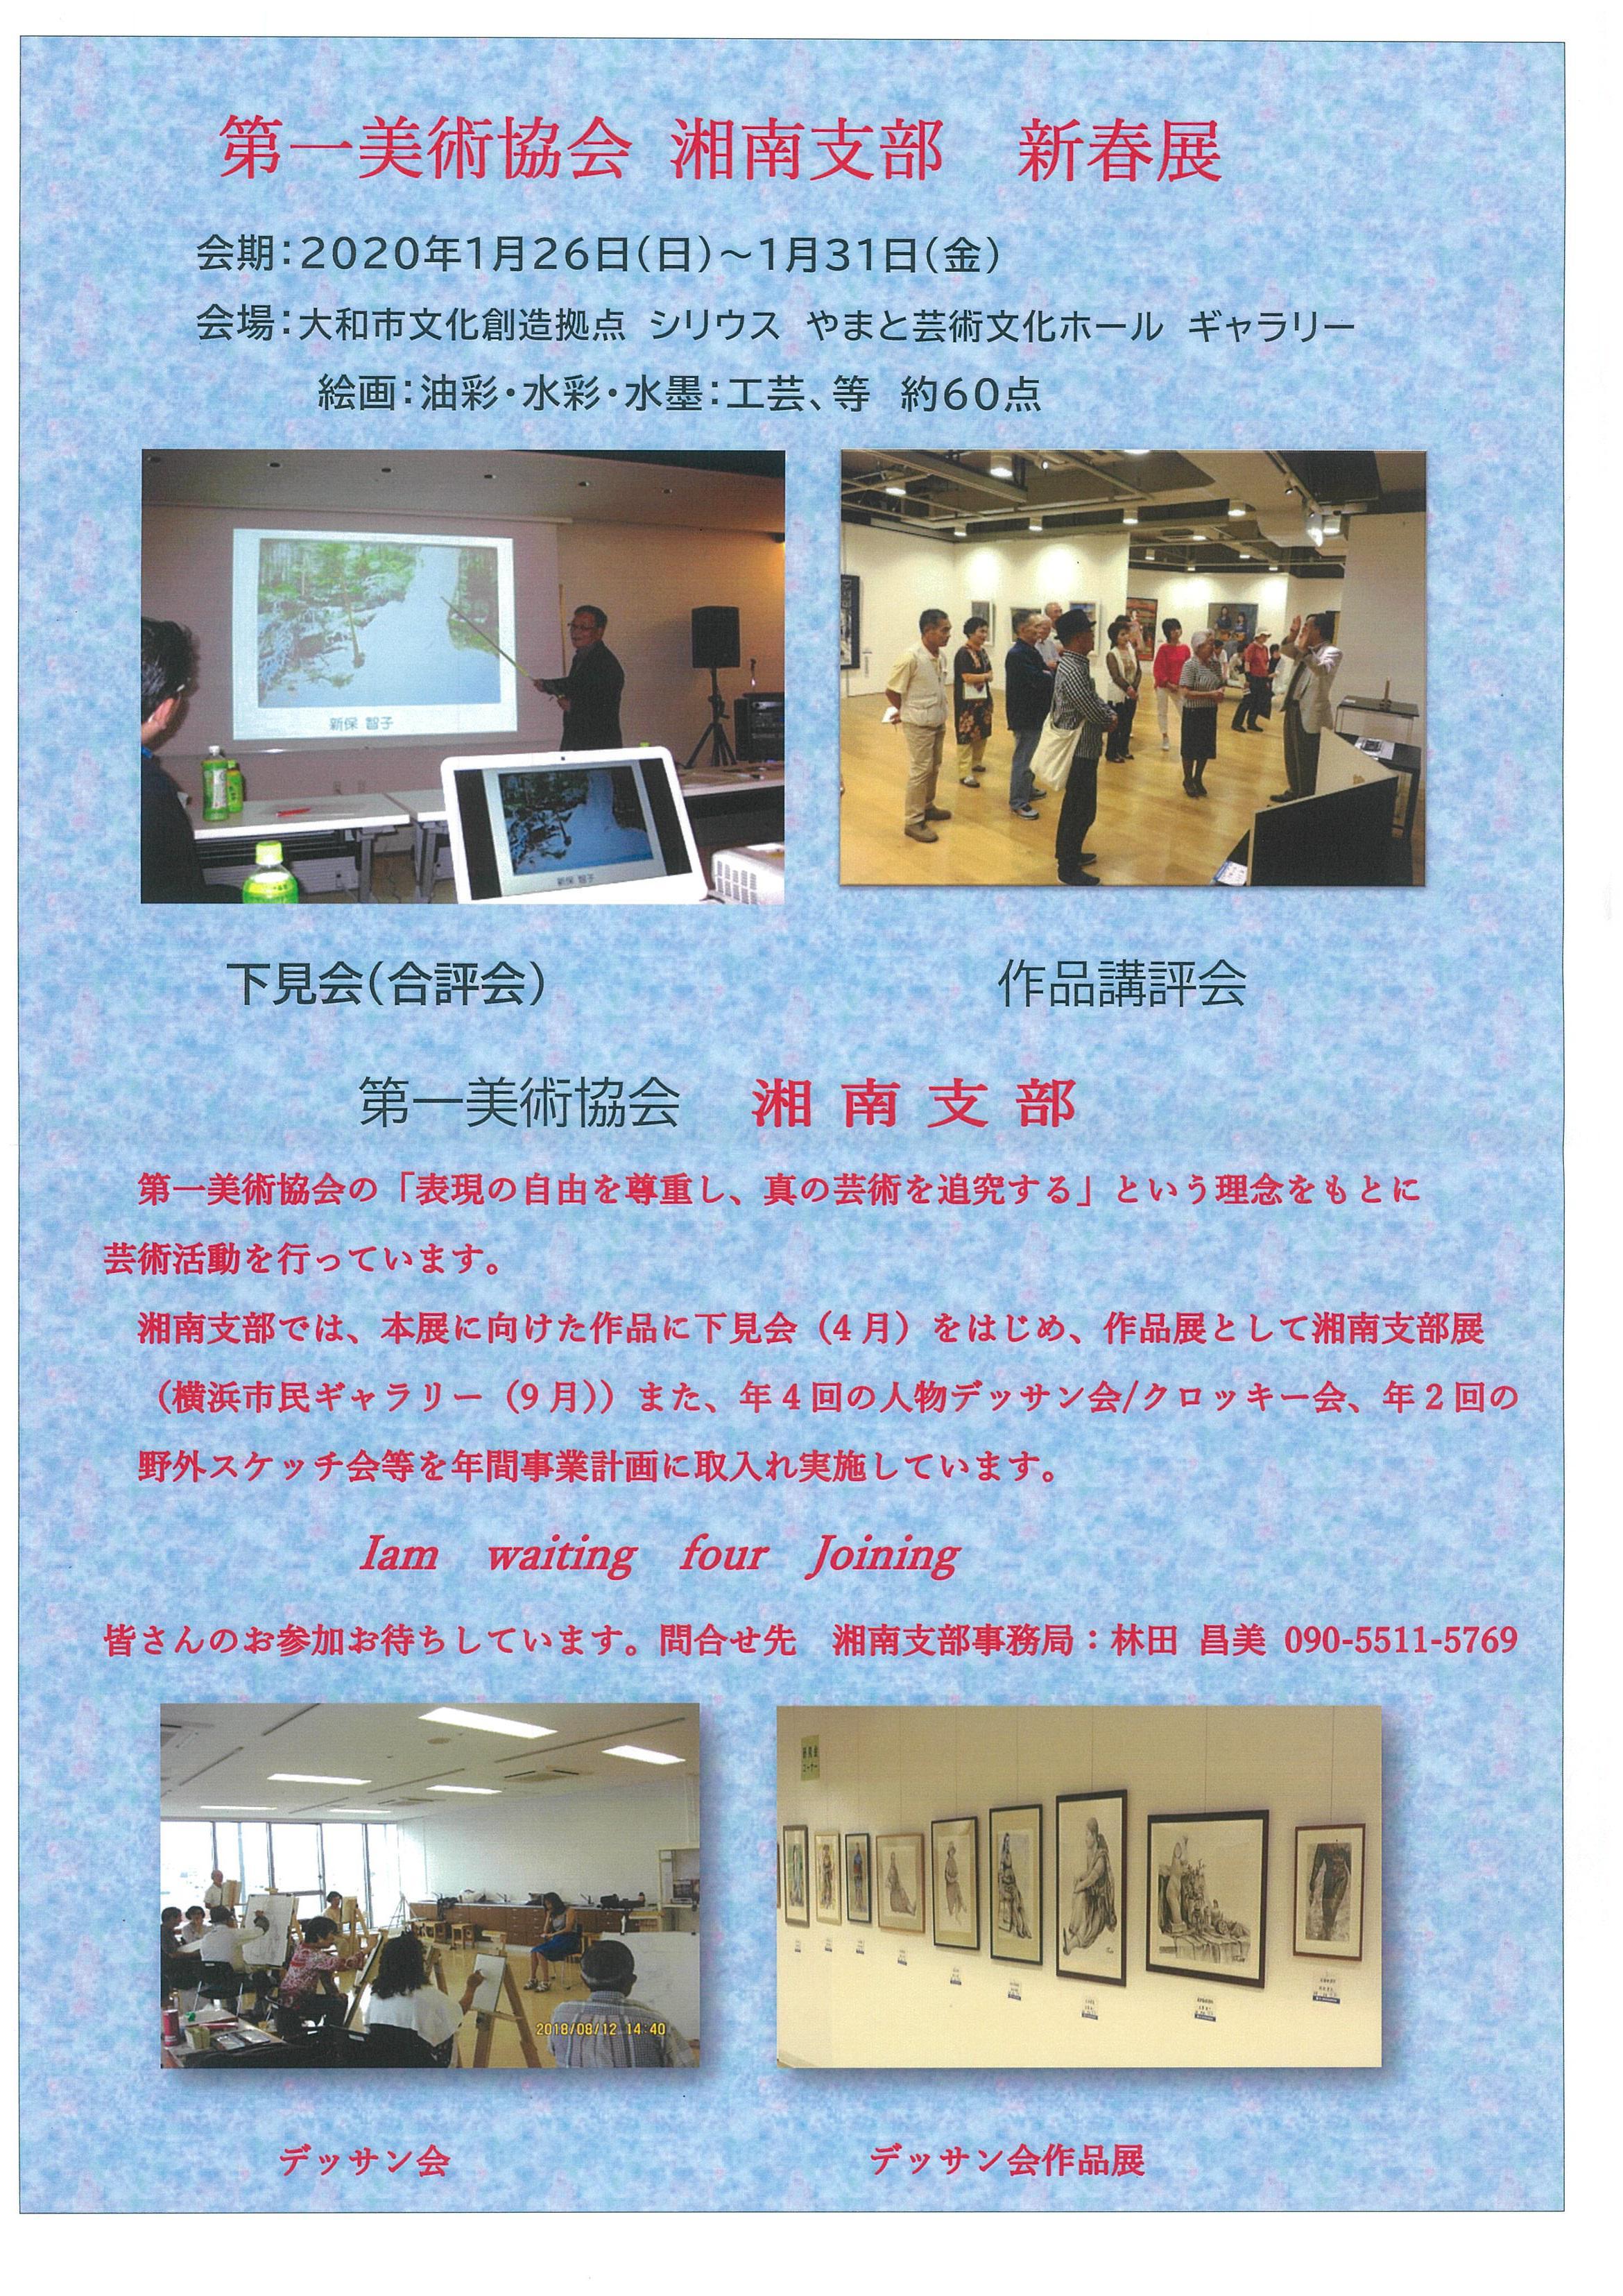 第一美術協会 湘南支部「新春展」